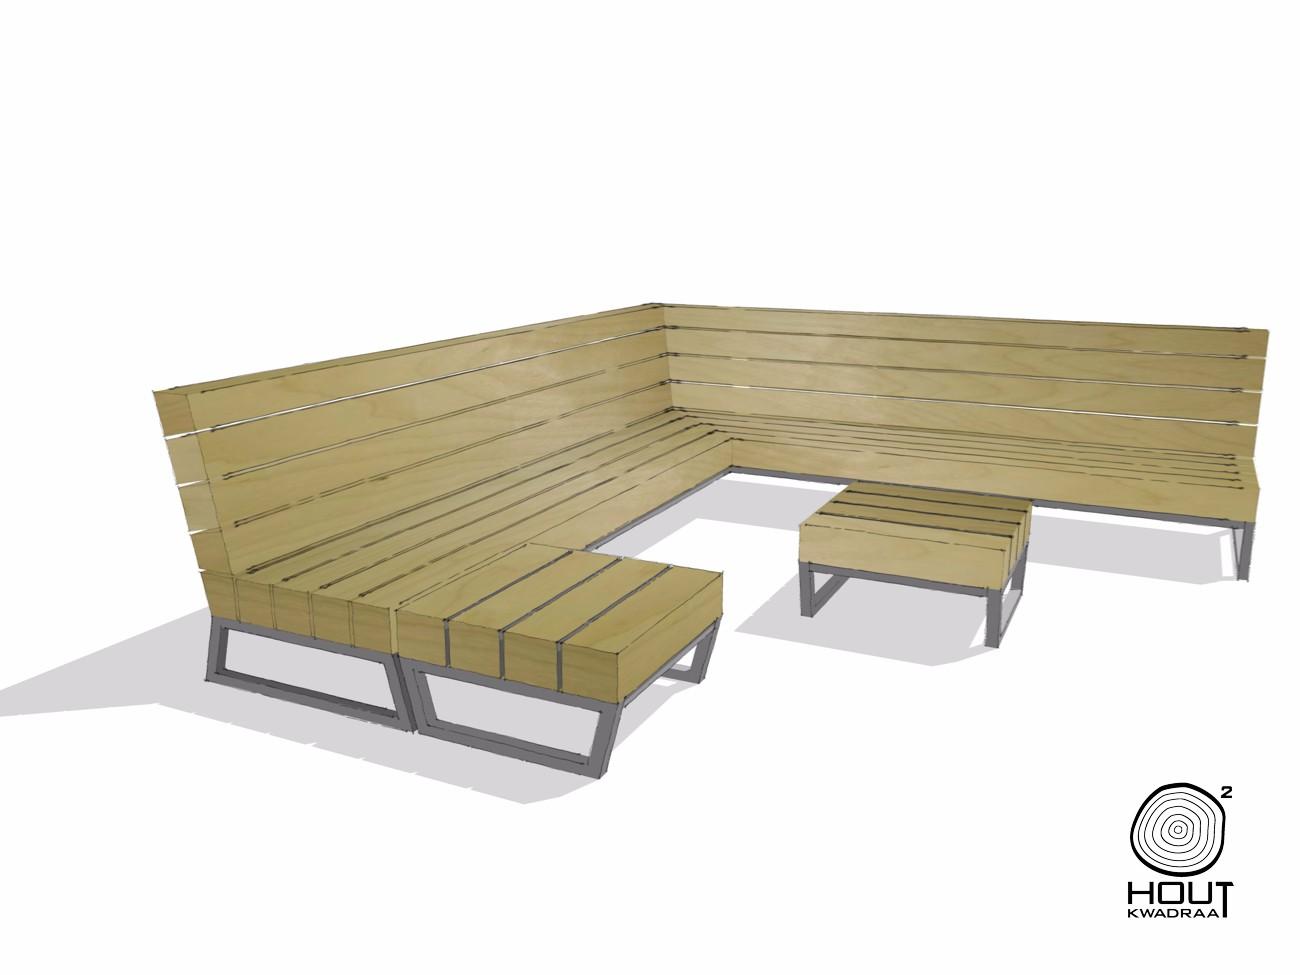 Een tuin loungebank op maat laten maken heerlijk wonen - Massief idee van tuin ...